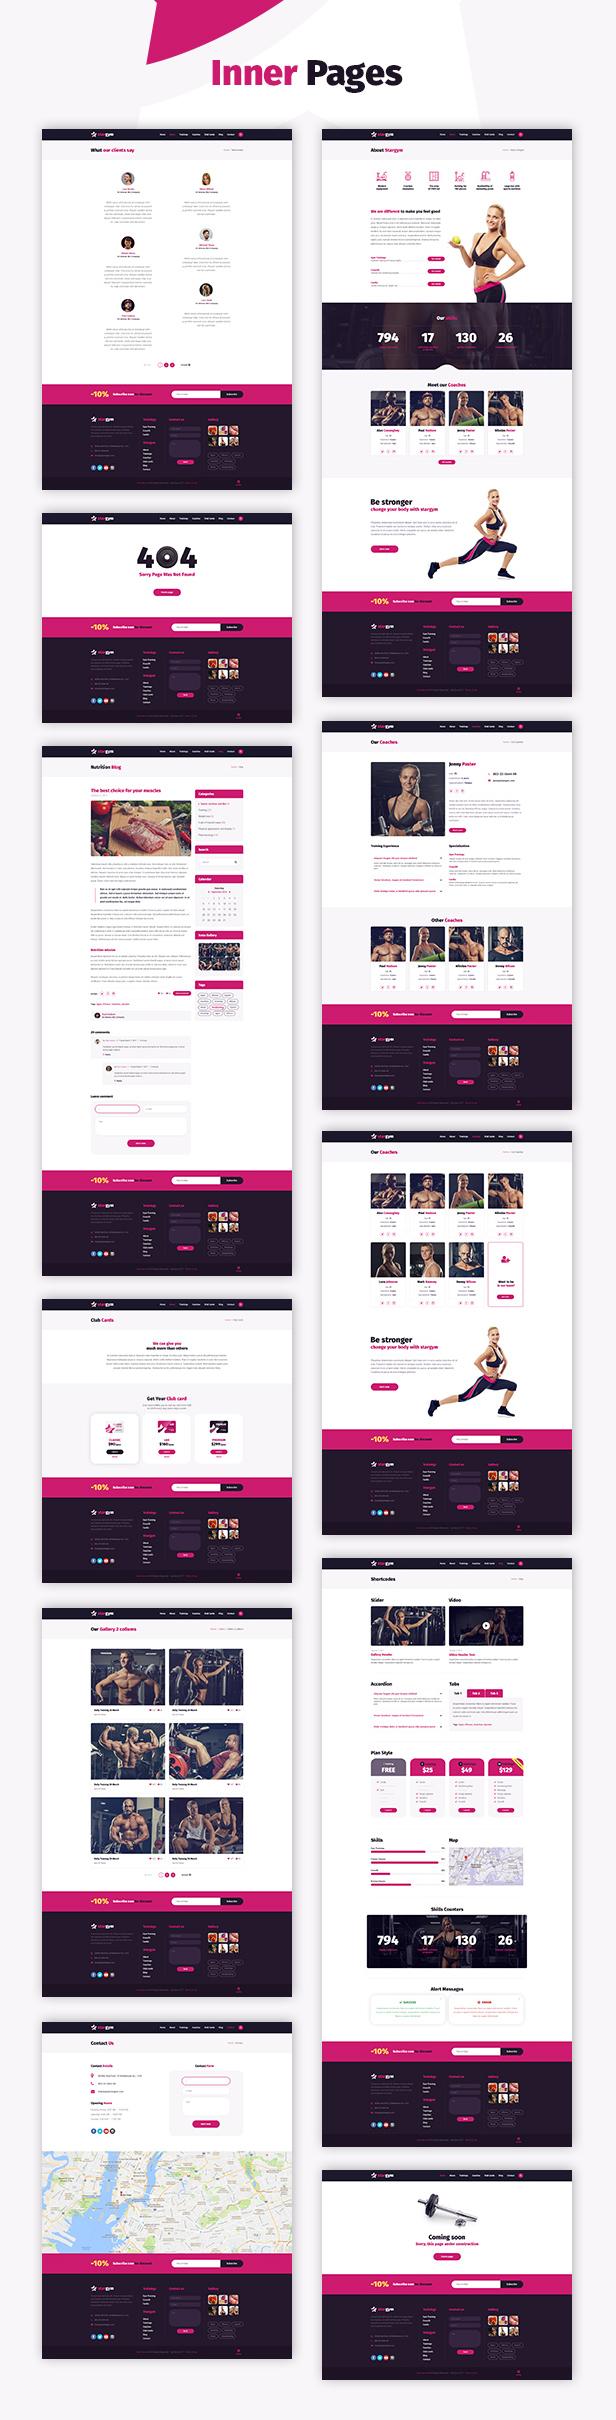 Stargym - Gym Trainer, Fitness Club and Gym WordPress Theme - 2